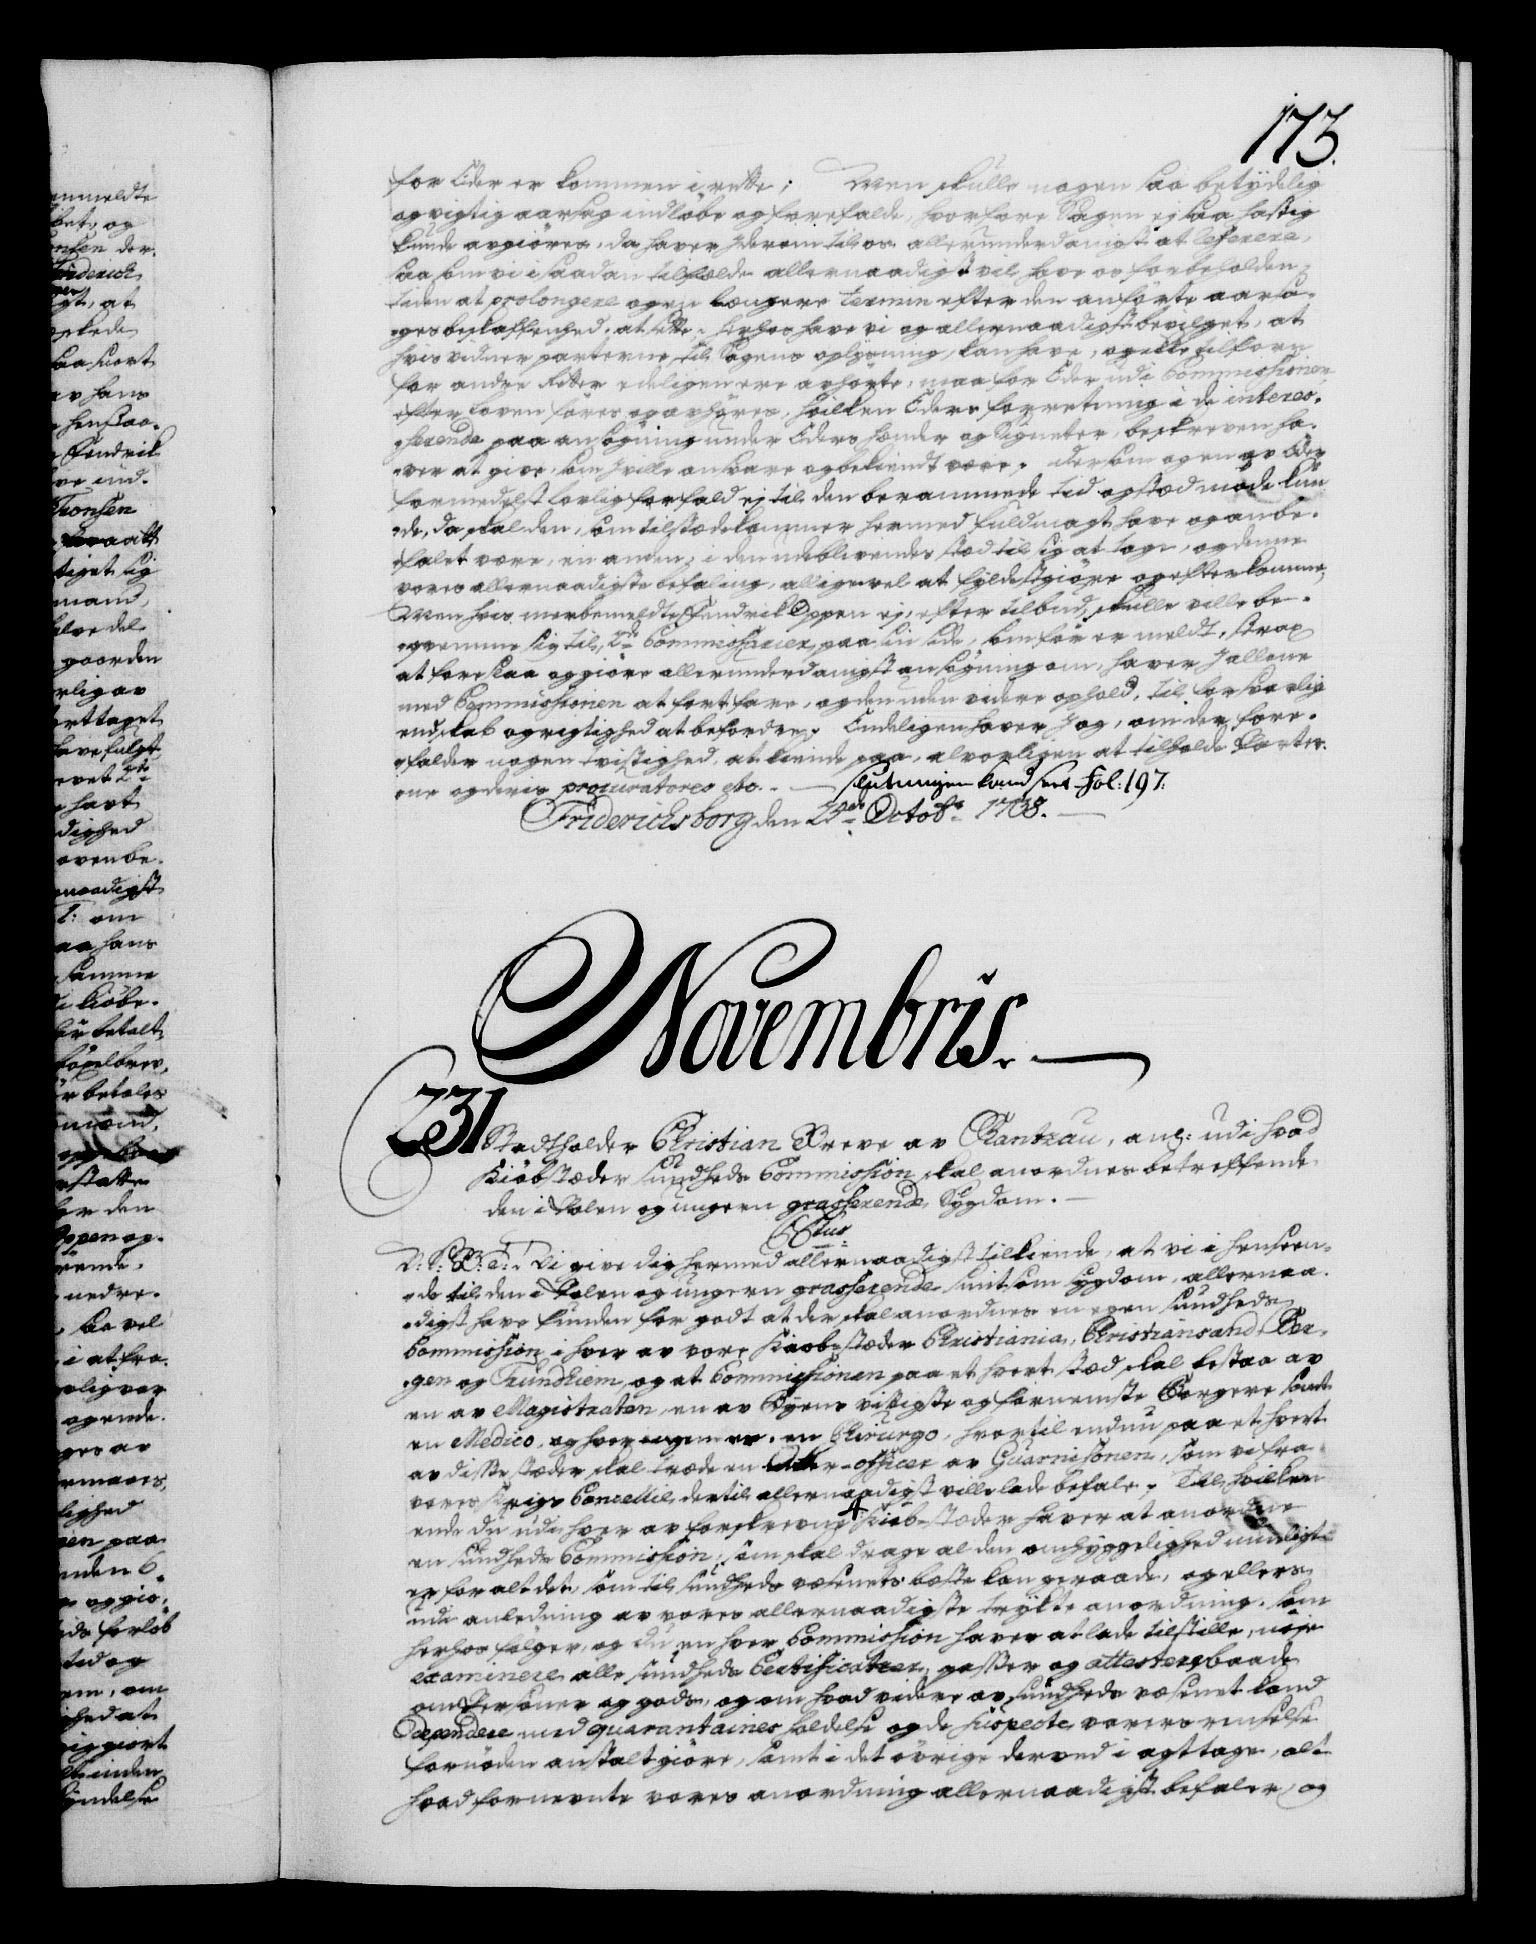 RA, Danske Kanselli 1572-1799, F/Fc/Fca/Fcab/L0028: Norske tegnelser, 1738-1740, s. 173a